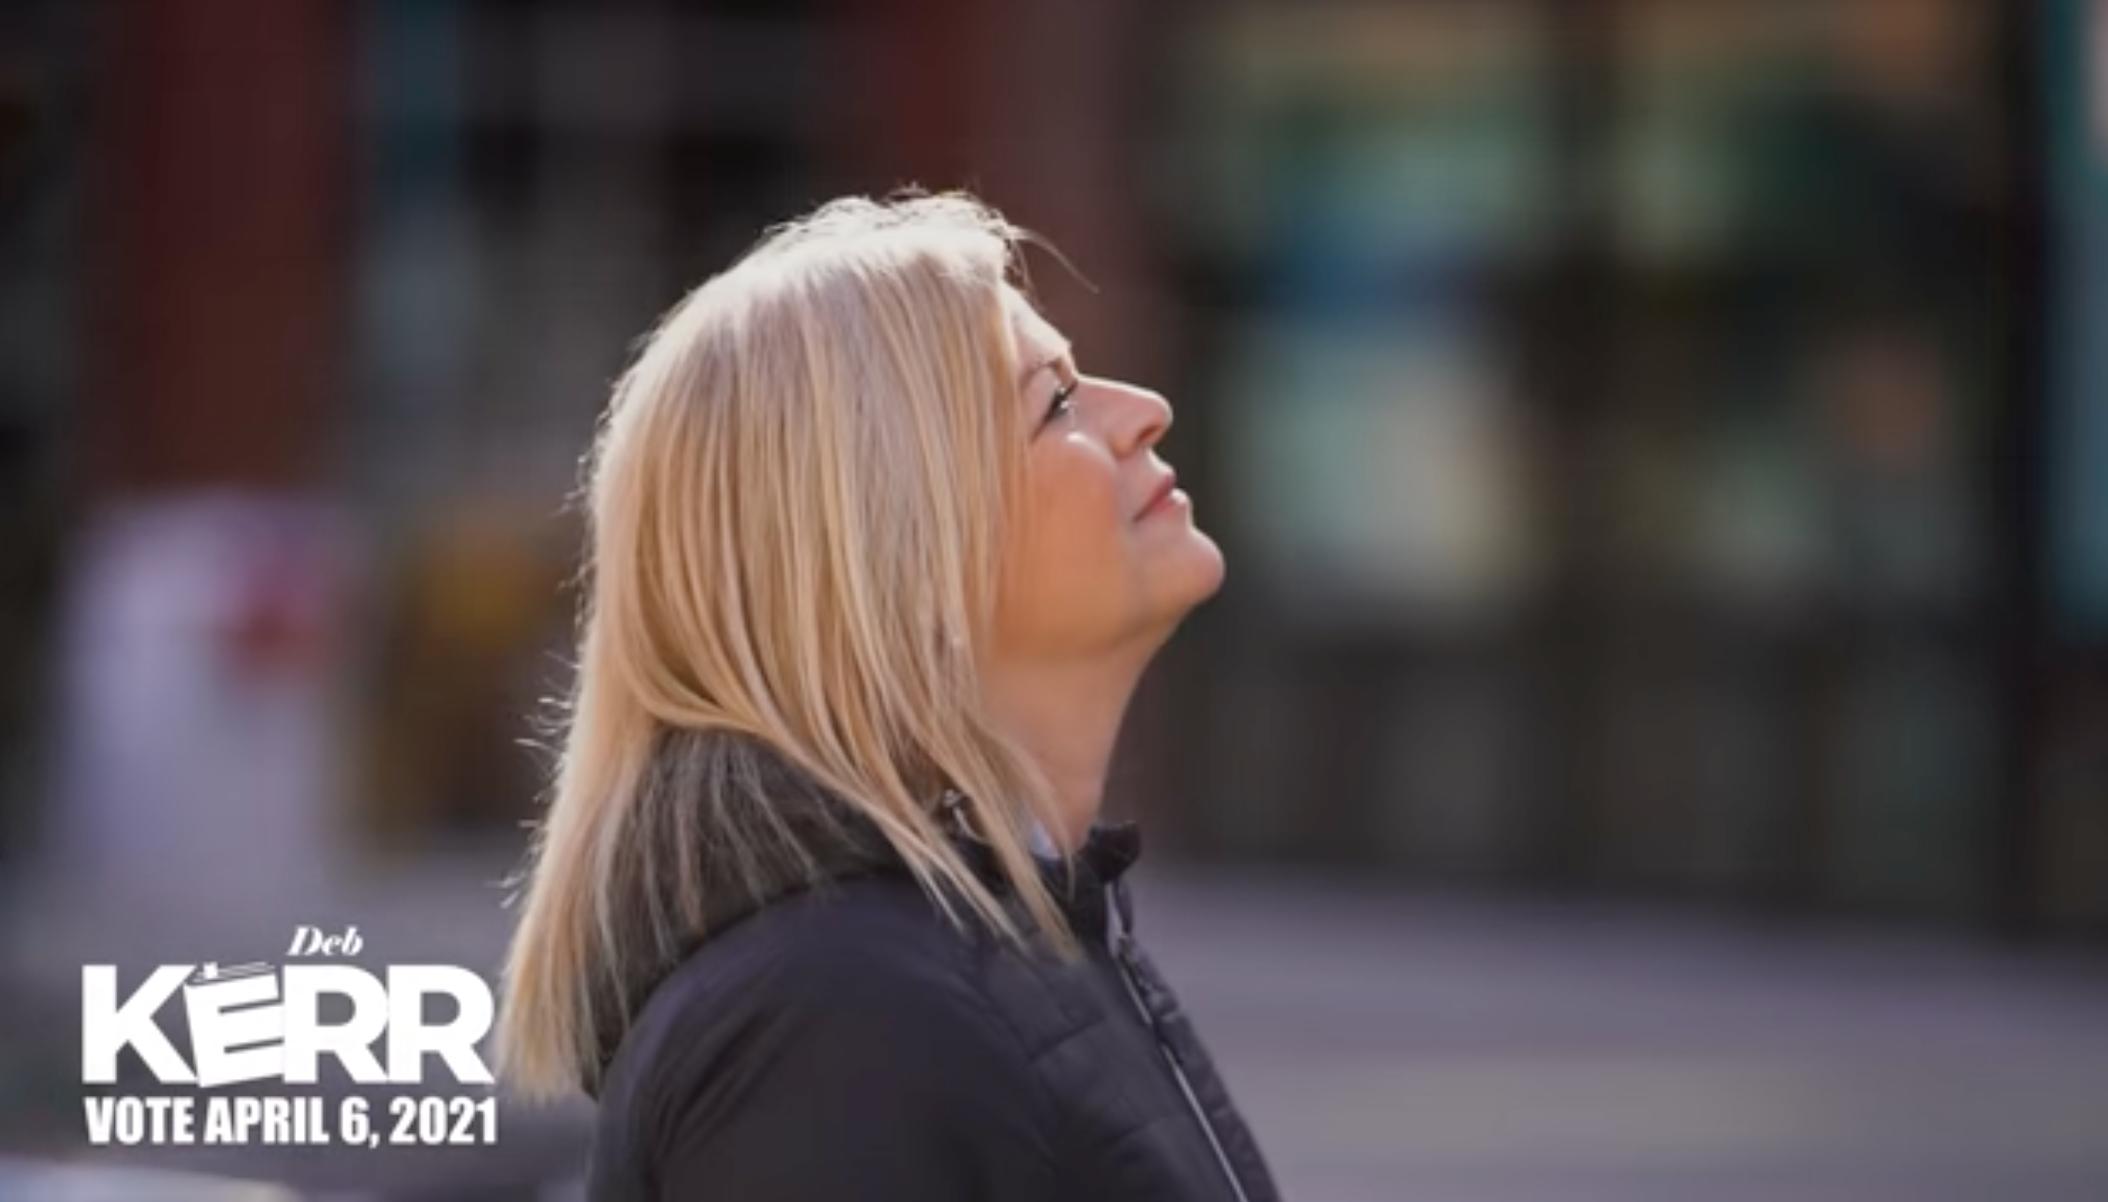 Deb Kerr Releases TV Ad